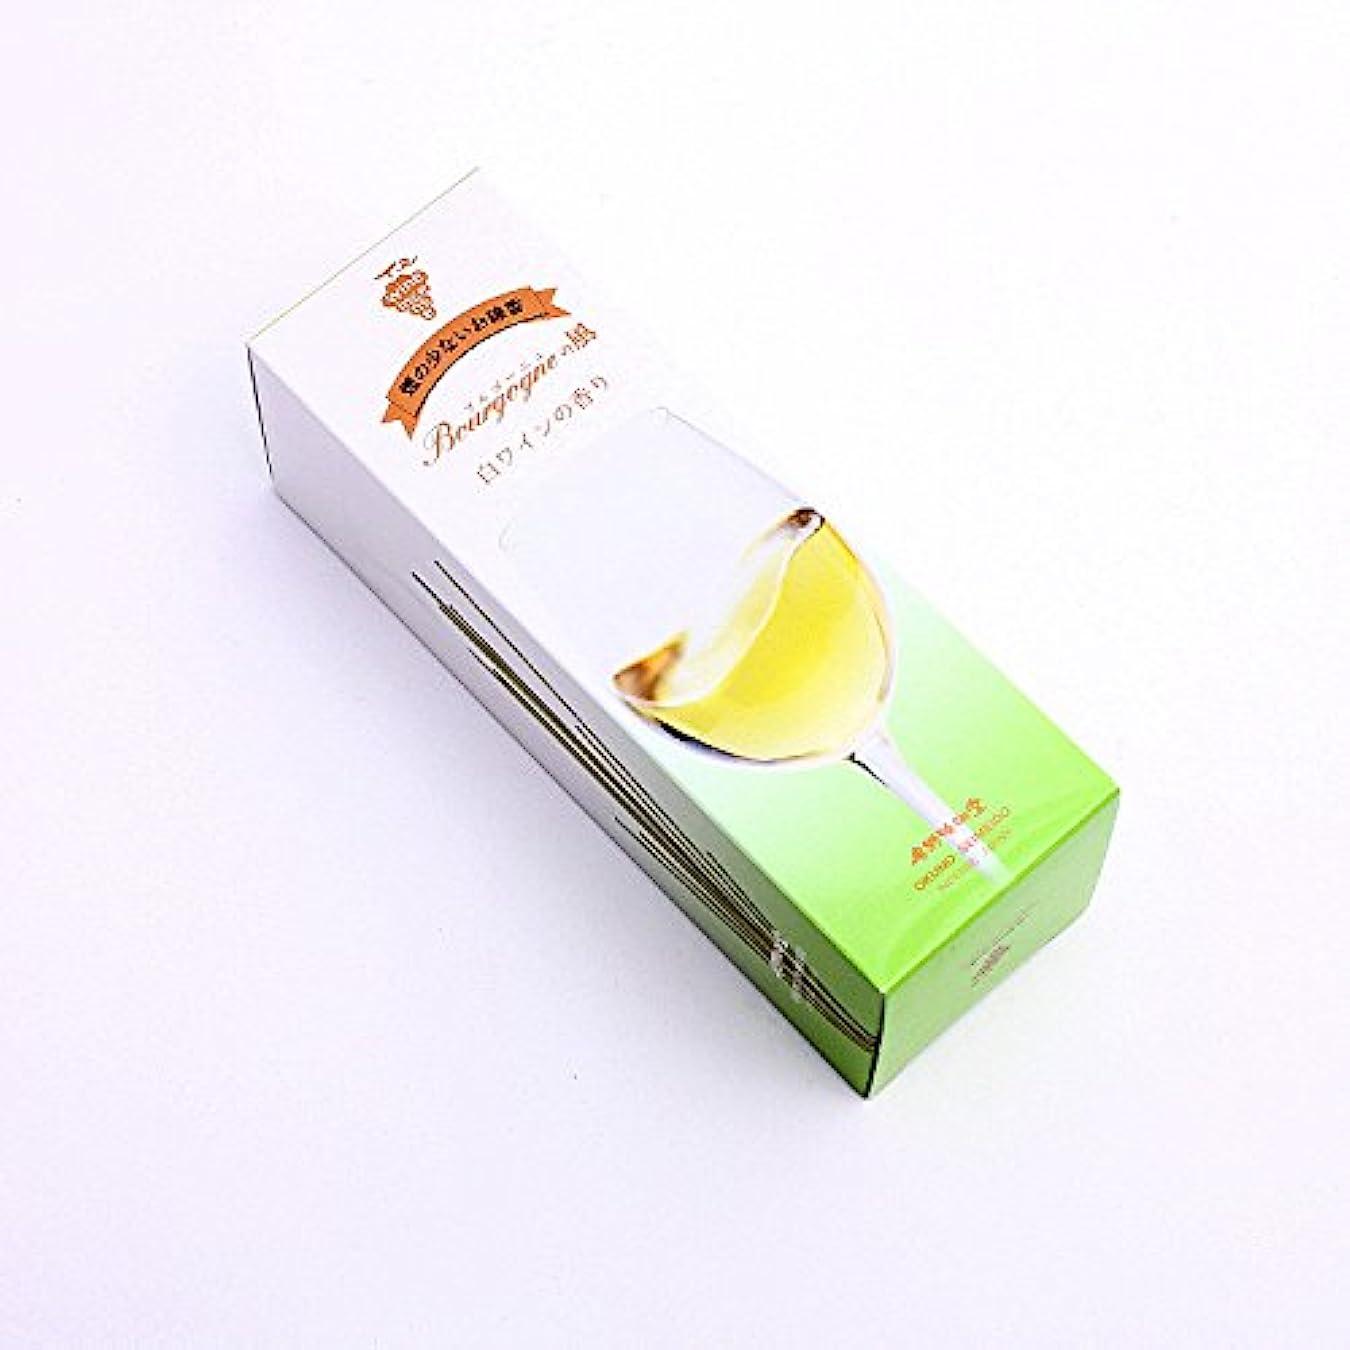 社会主義者ほのめかす精緻化ワインの香りのお線香 奥野晴明堂 Bourgogne(ブルゴーニュ)の風 白ワインの香り 筒型1本入り 28-2 微煙タイプ